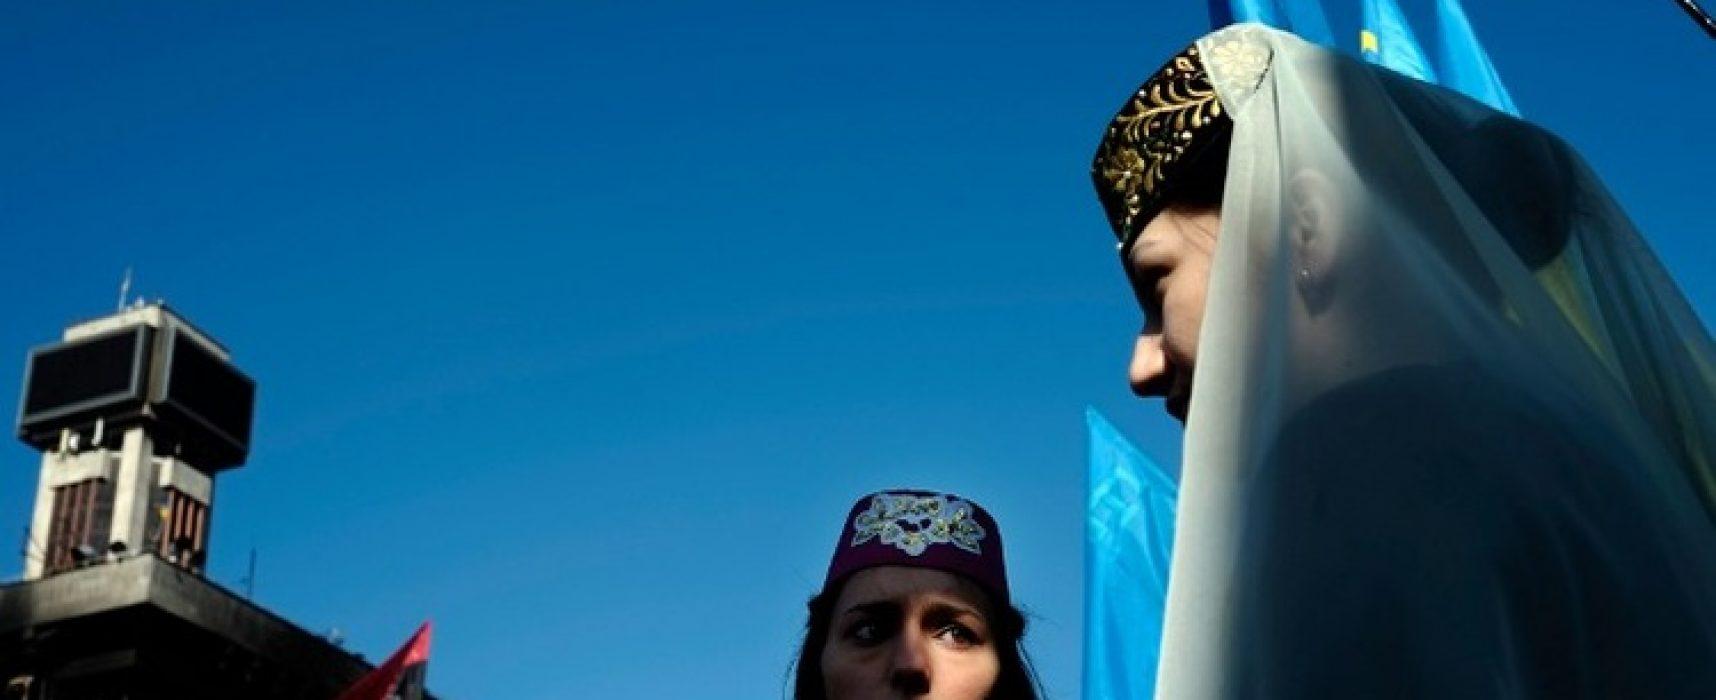 Les Tatars de Crimée: vivre et survivre sous Poutine